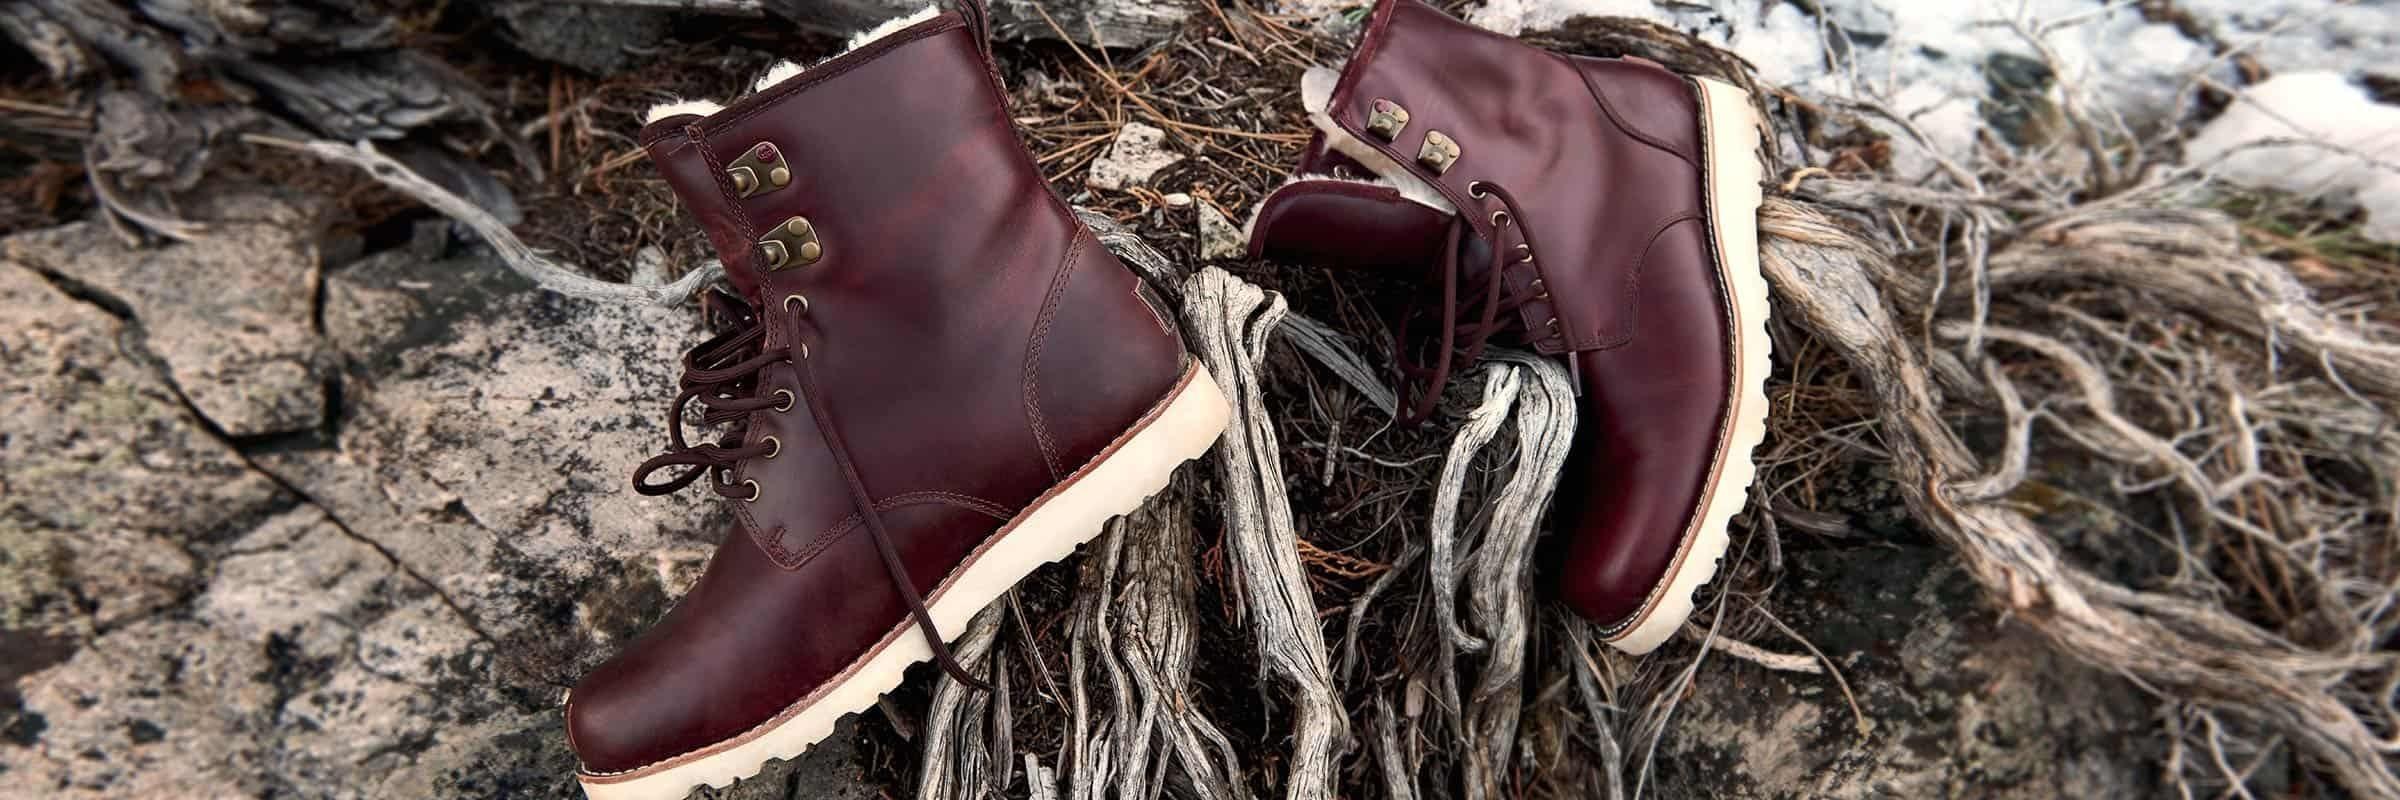 bottes d'hiver pour homme